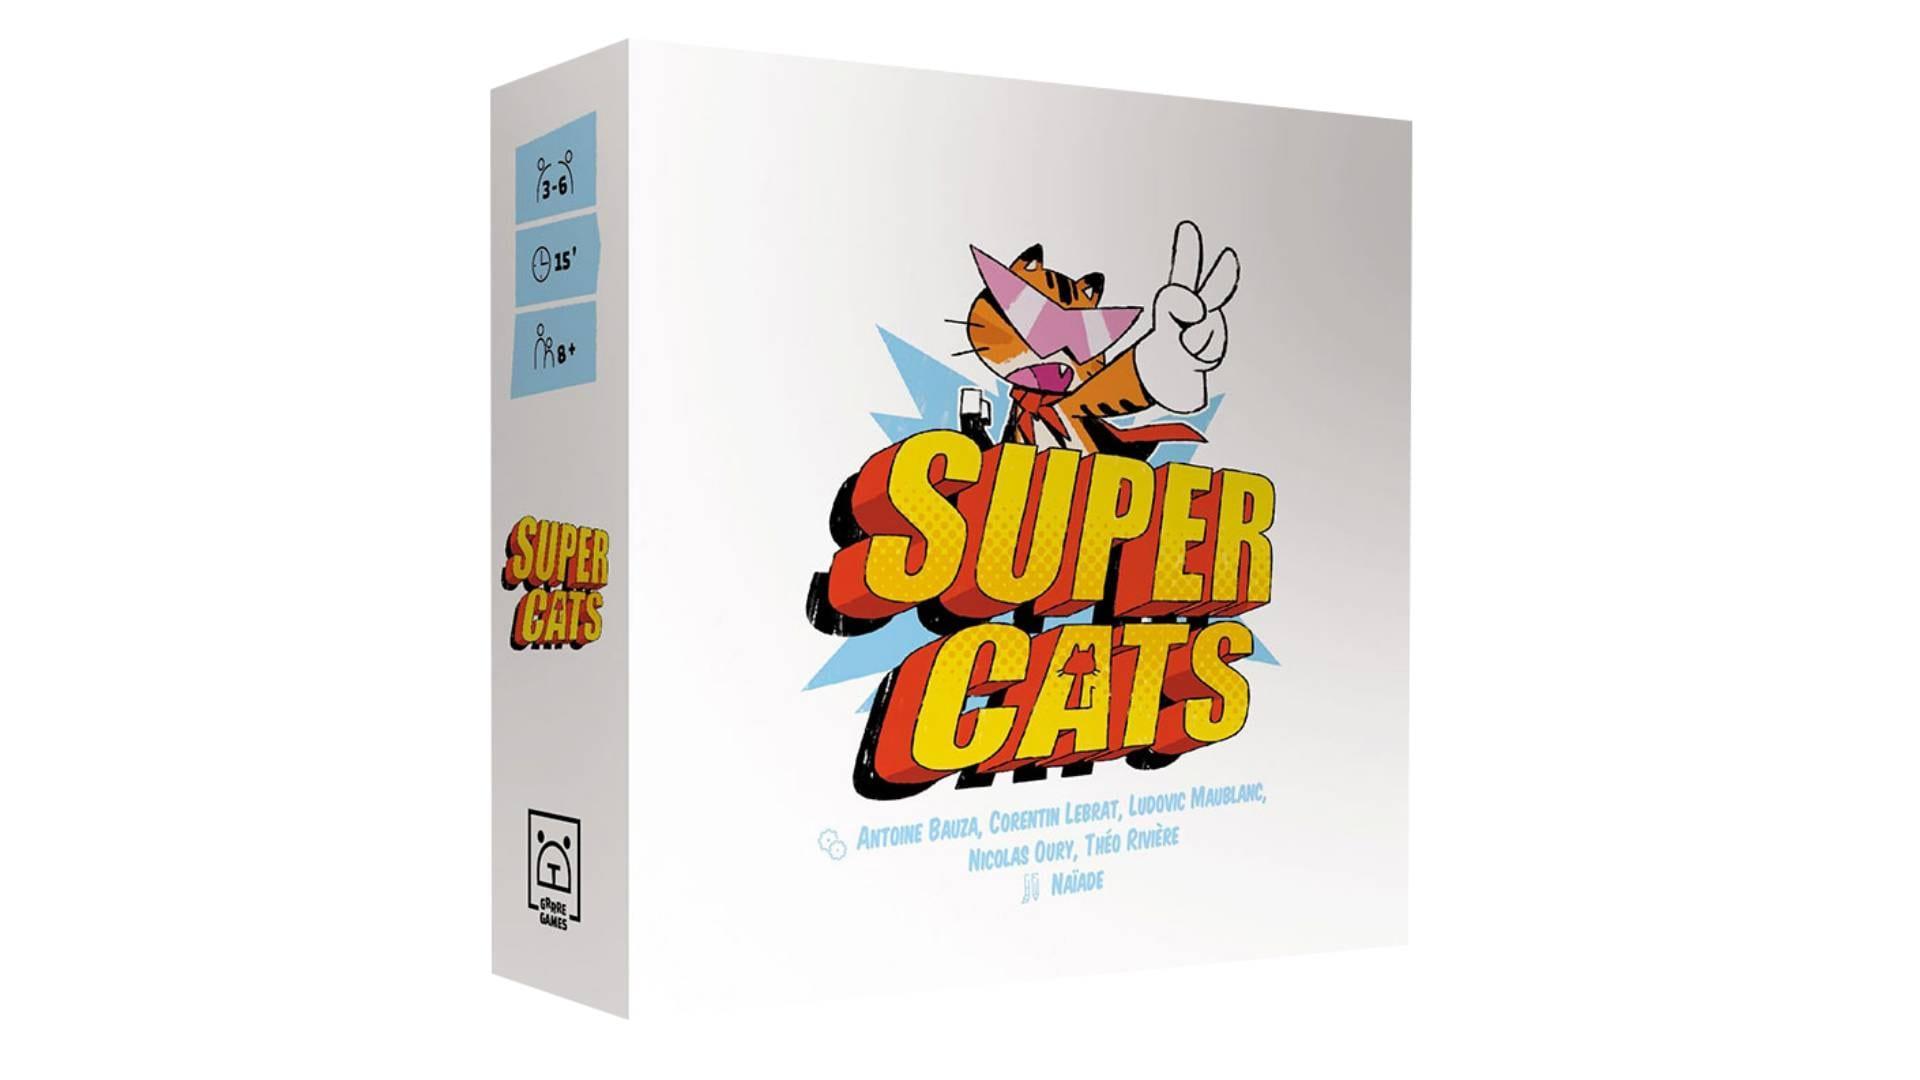 Studio Supernova: annunciata l'uscita dei giochi Super Cats, Pharaon e Queenz